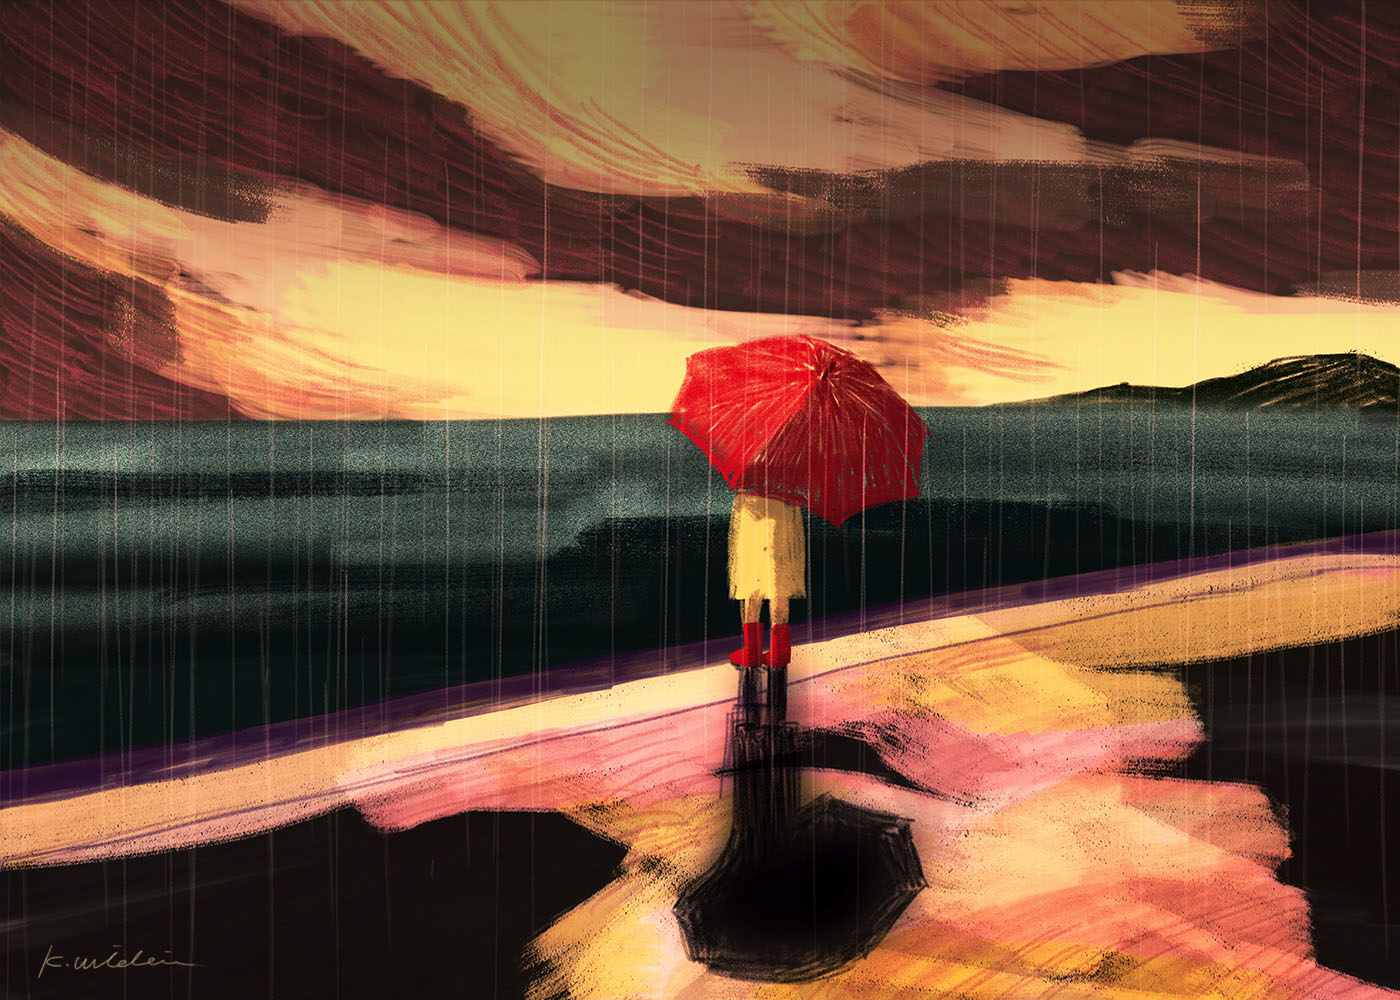 イラストレーション 風景 空 海 雨